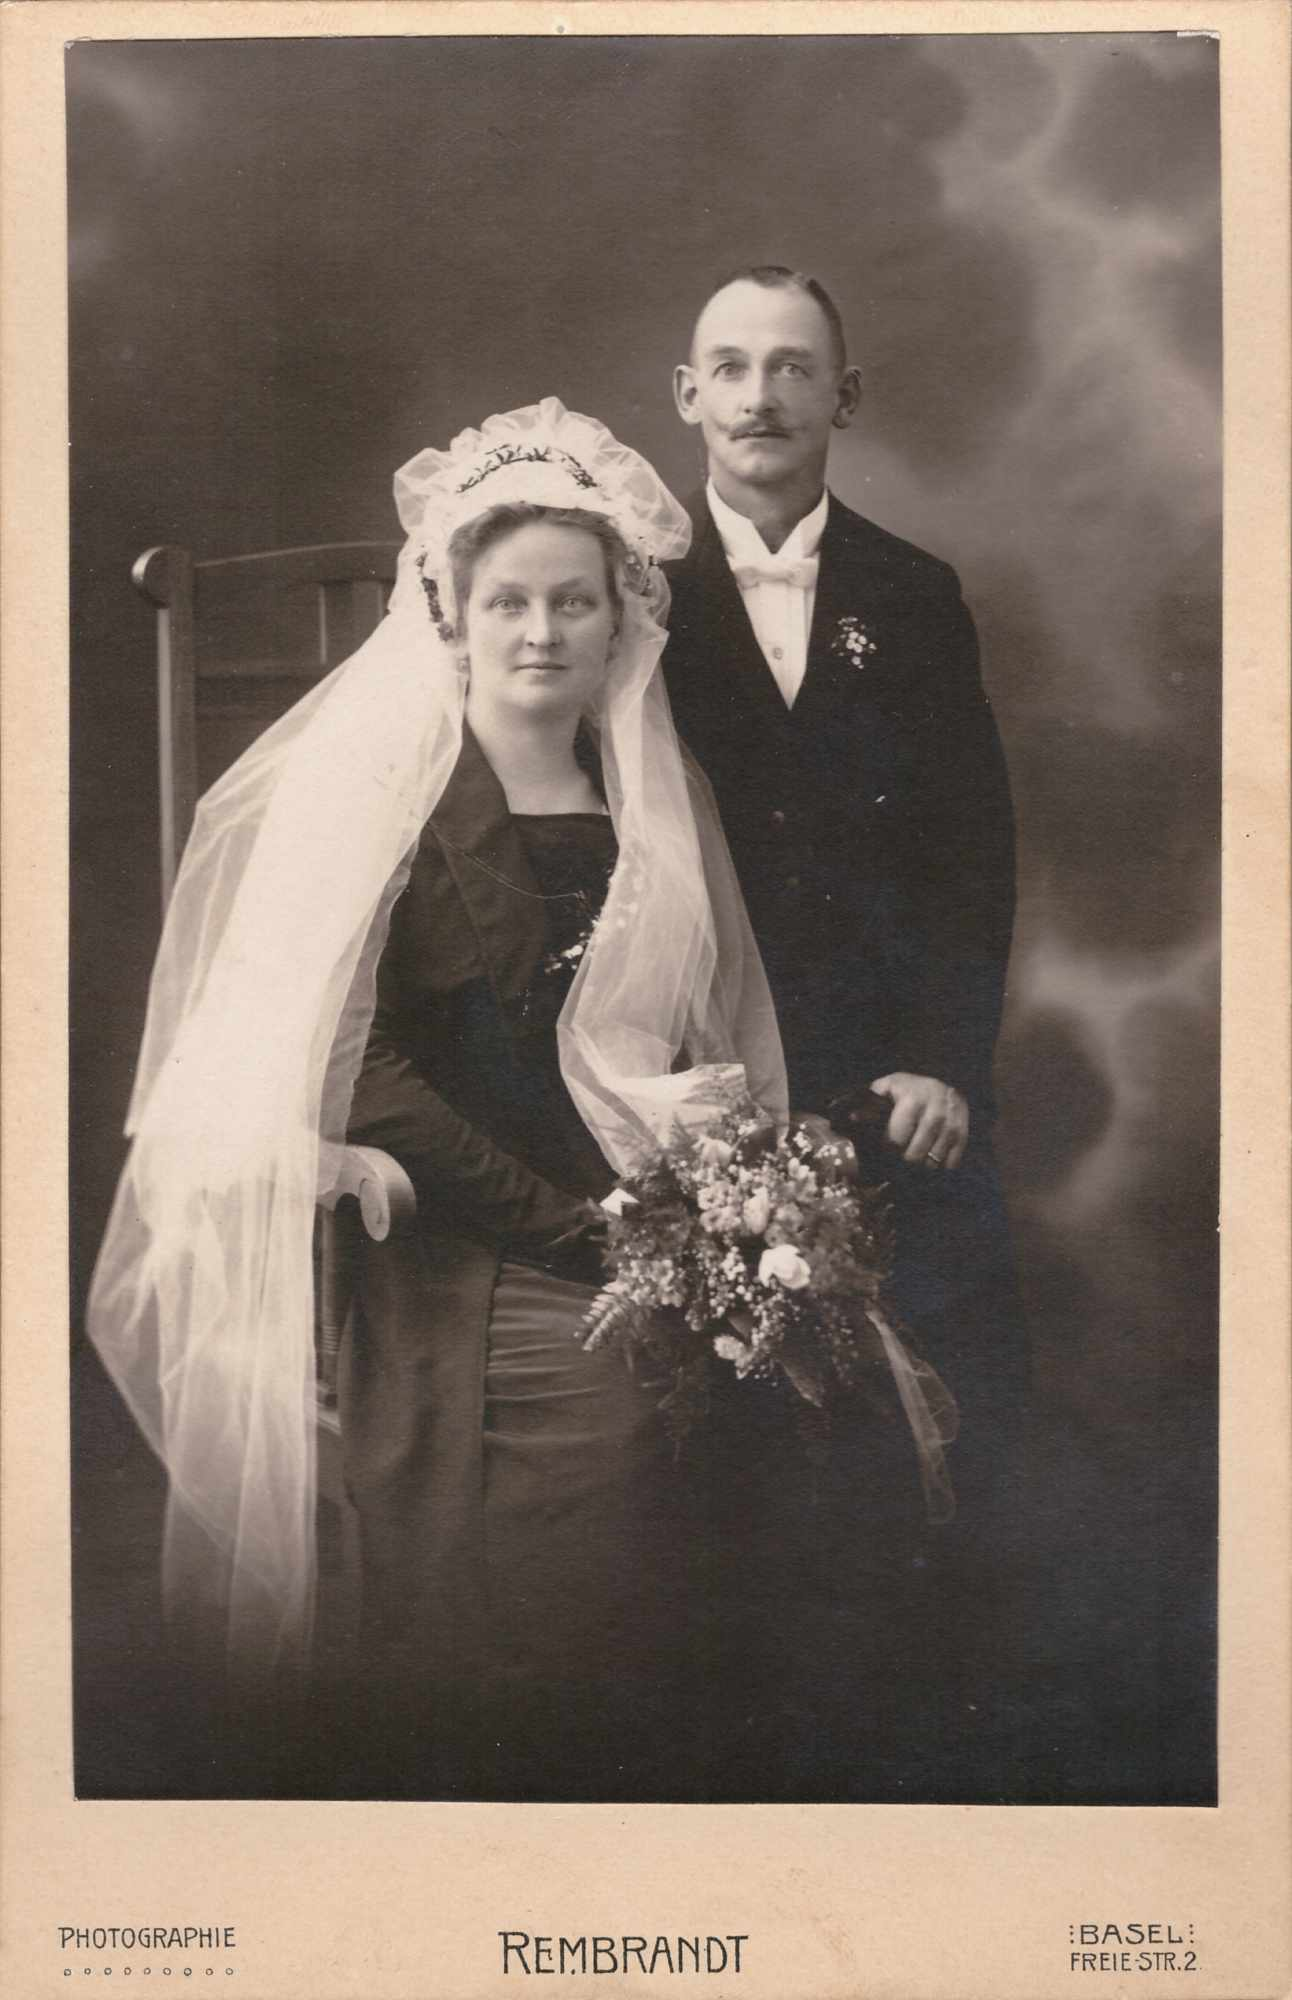 Bild: Hochzeitsfoto, vermutlich die Eltern von Maria Gürtler